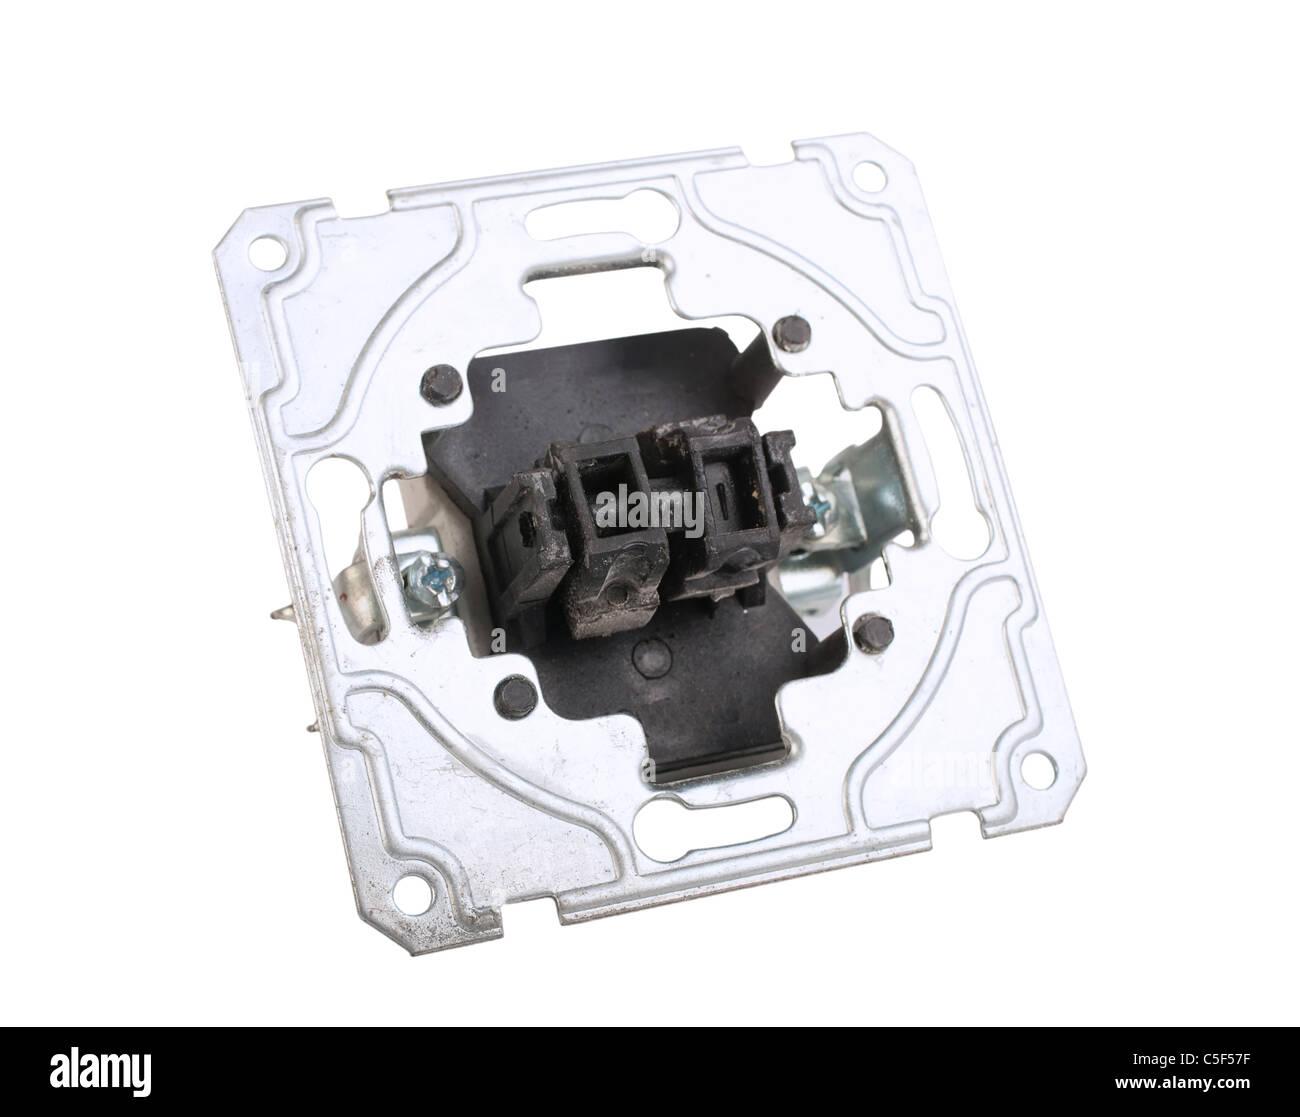 dismantled socket isolated on white background - Stock Image